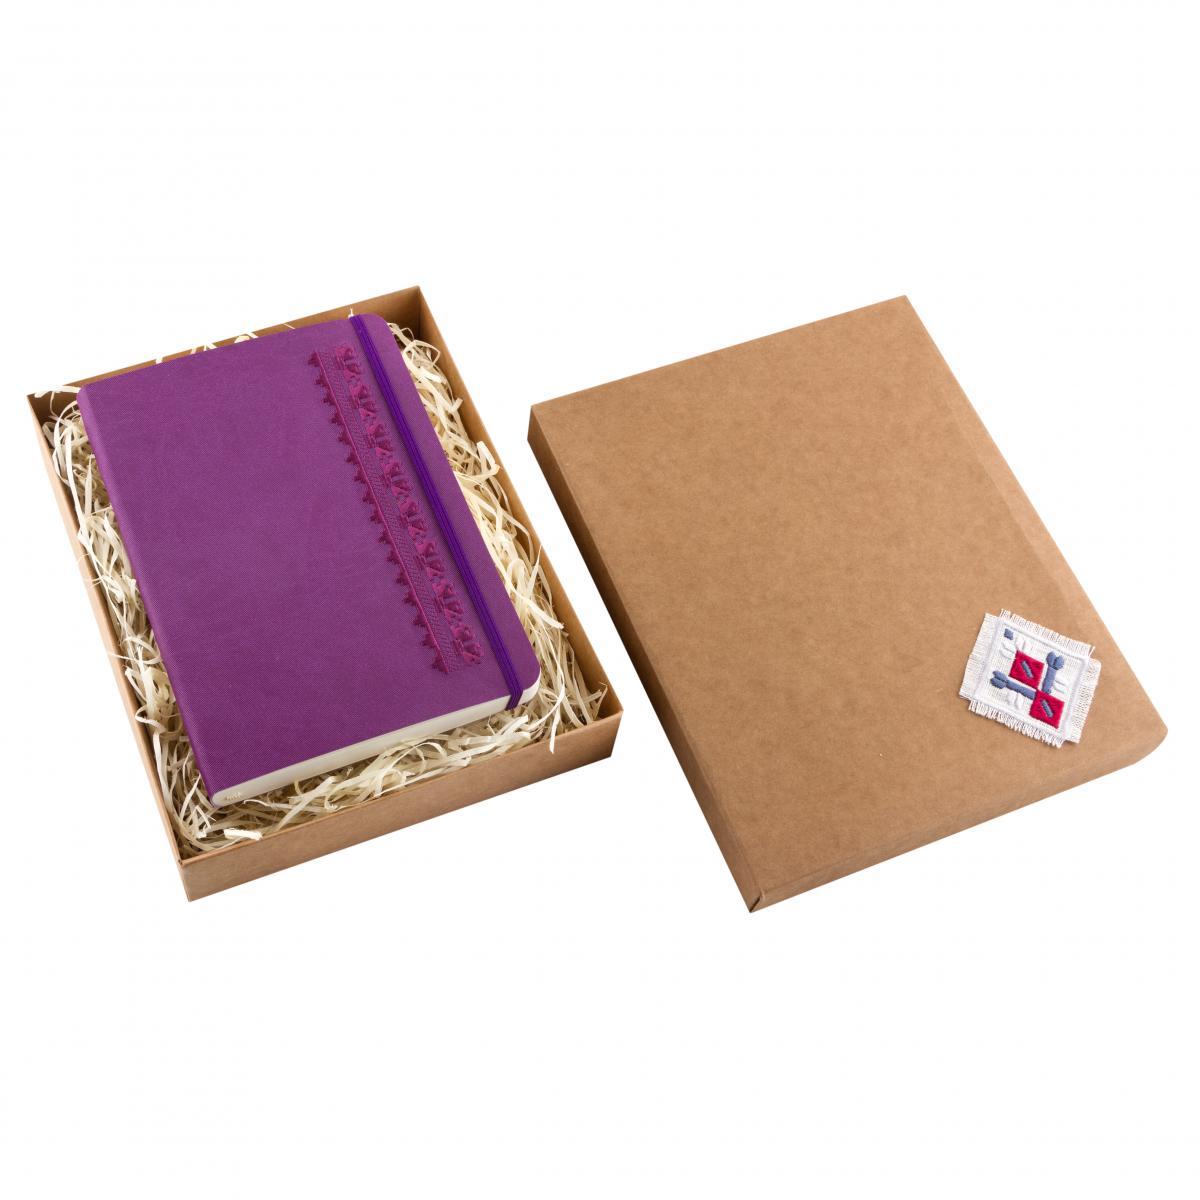 Блокнот з еко-шкіри з вишивкою Орнамент дубочки, фіолетовий. Фото №2. | Народний дім Україна